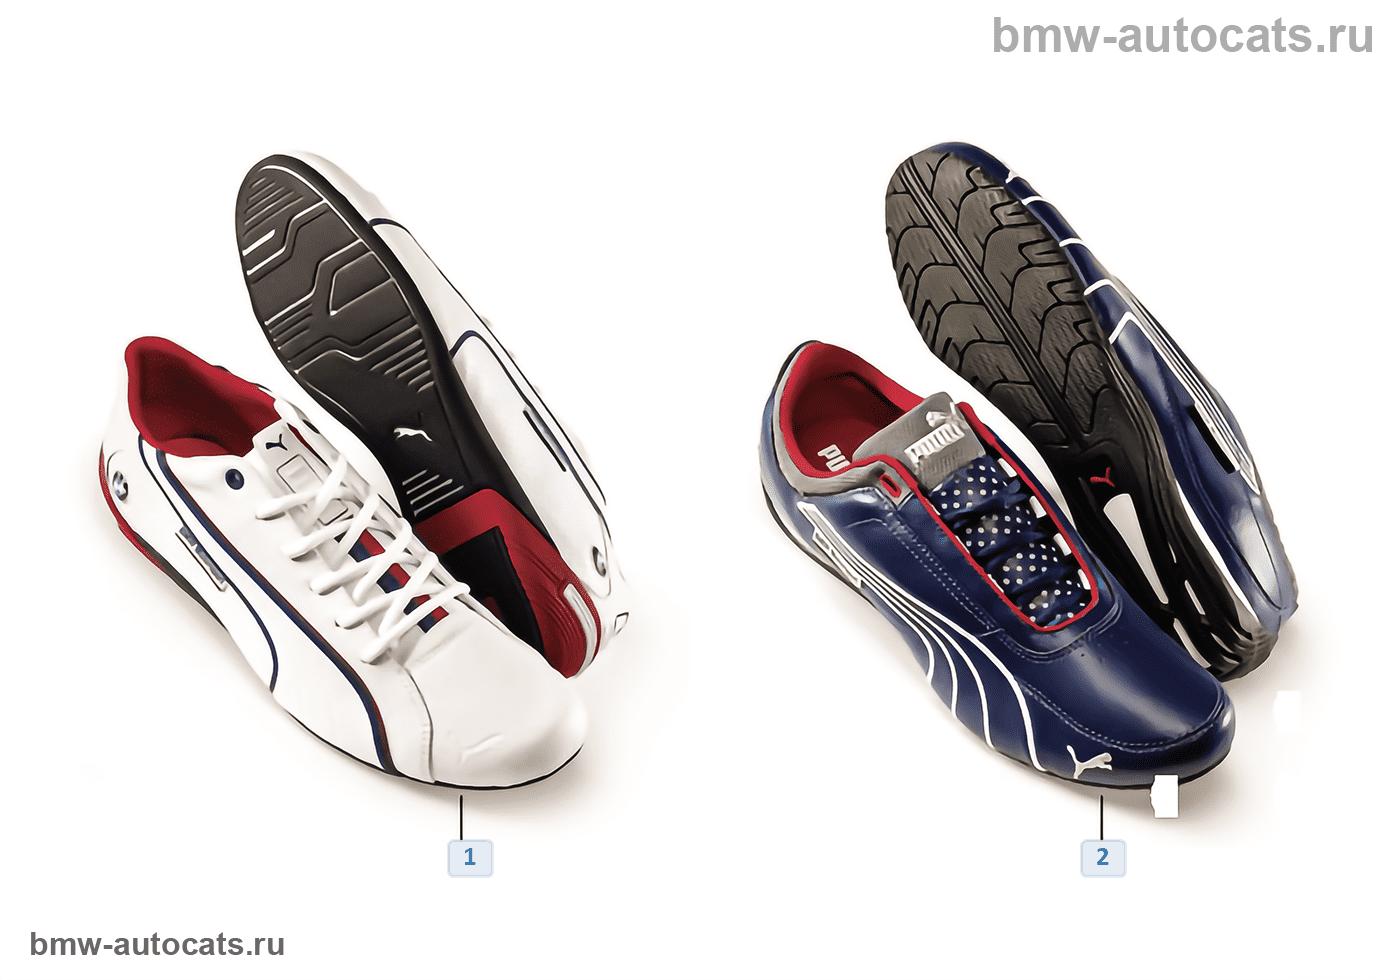 Motorsport — обувь 2012/13